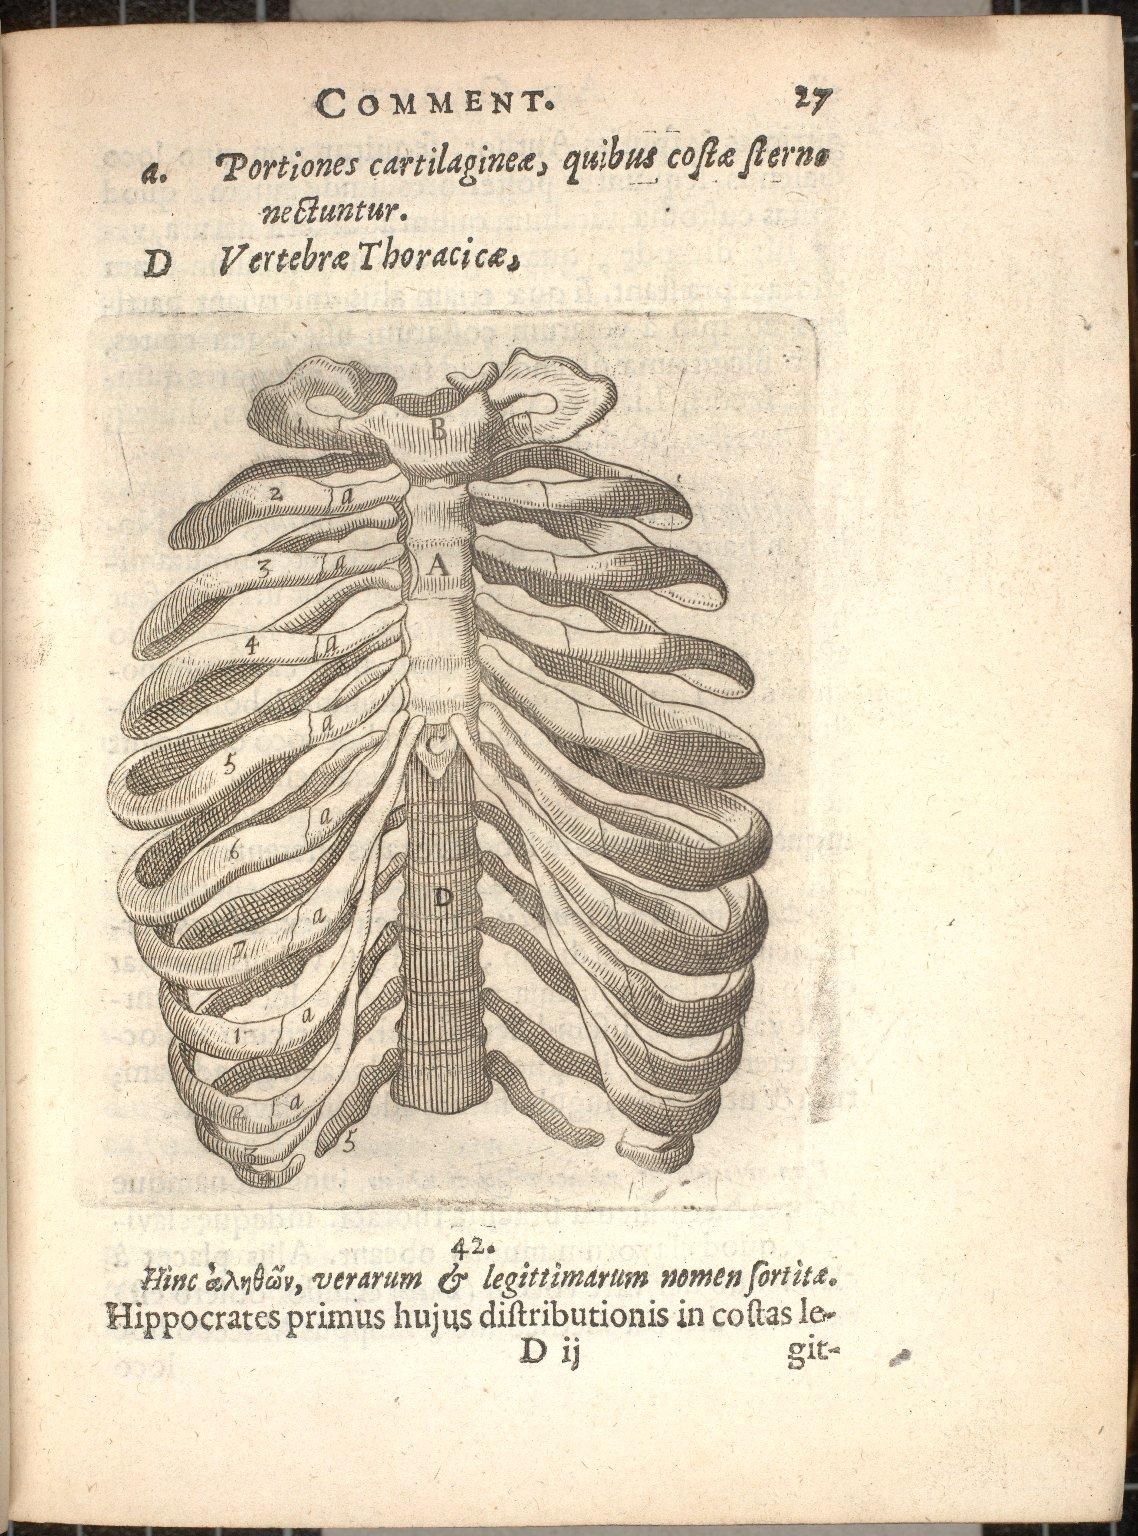 [anterior aspect of the rib cage]